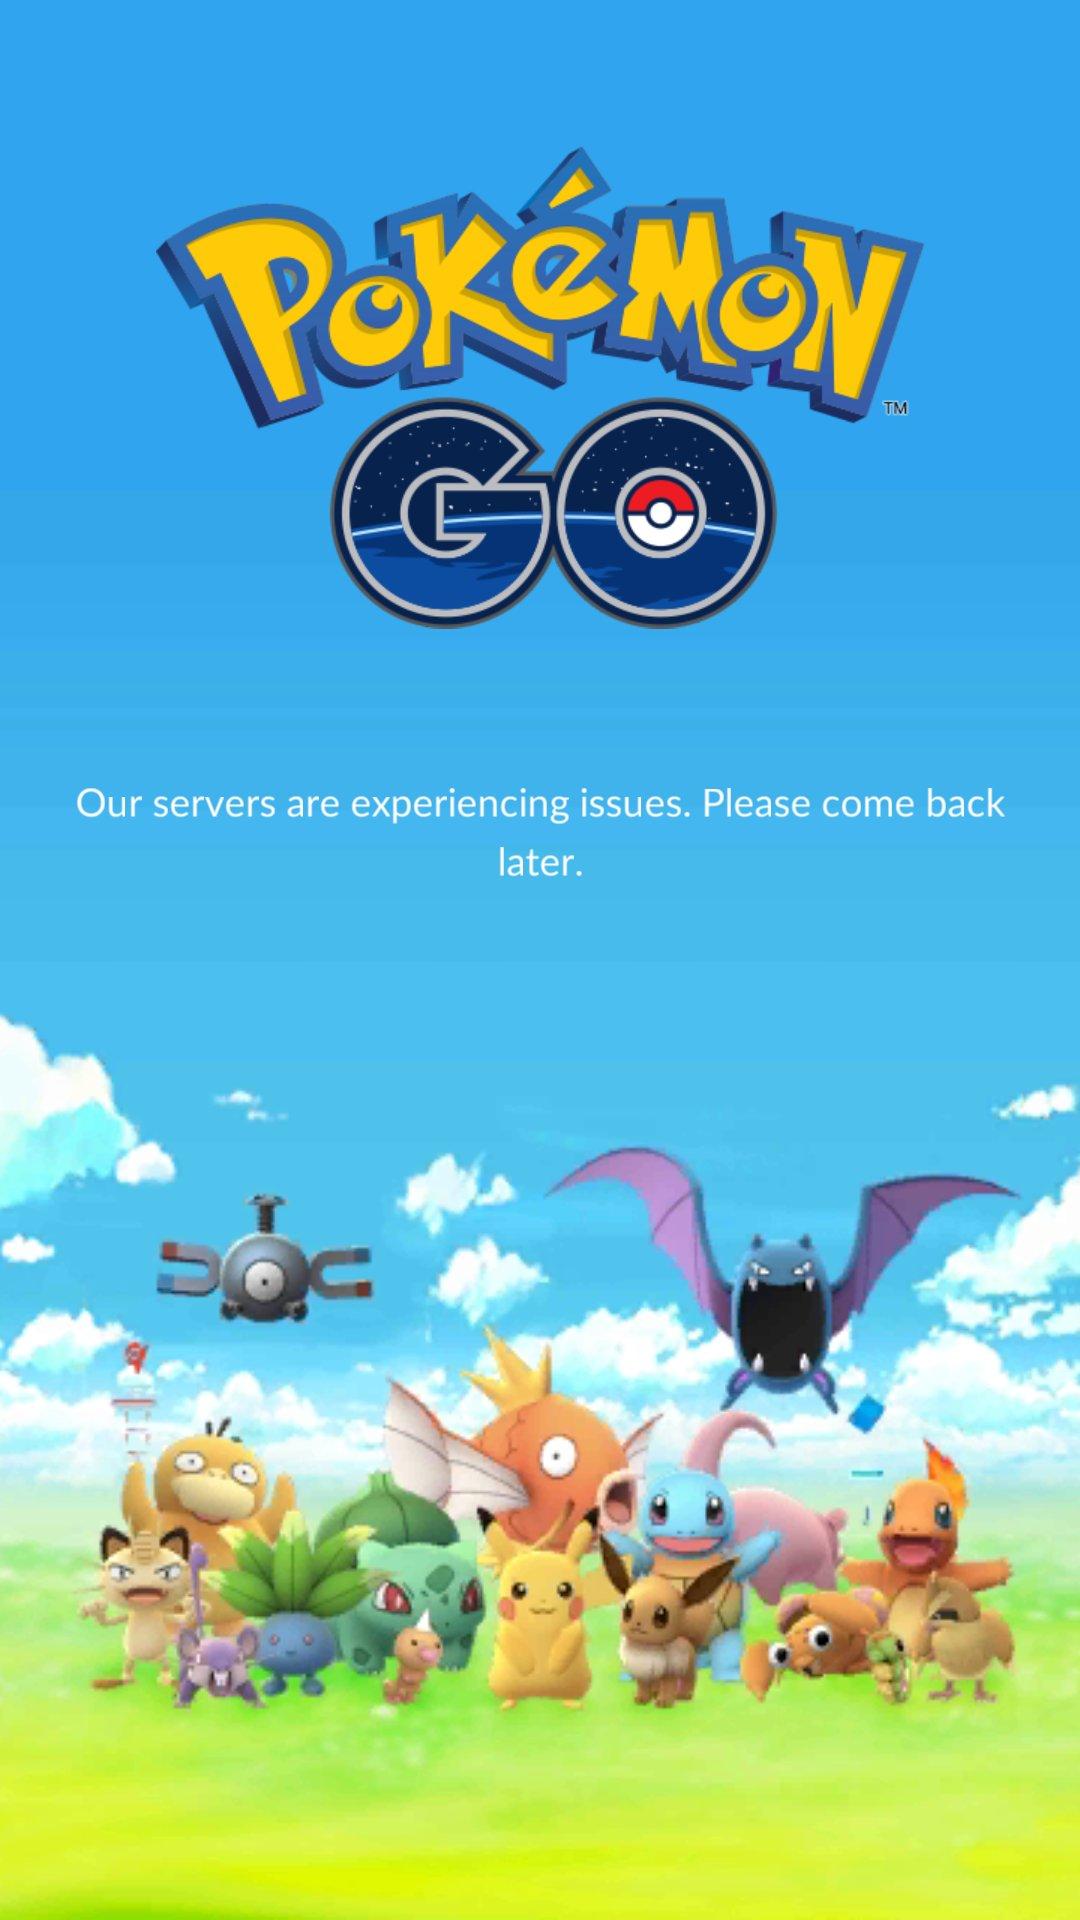 Offizieller Release Pokemon Go für DE verschoben 20160709_Pok%C3%A9mon_GO_Server_Probleme